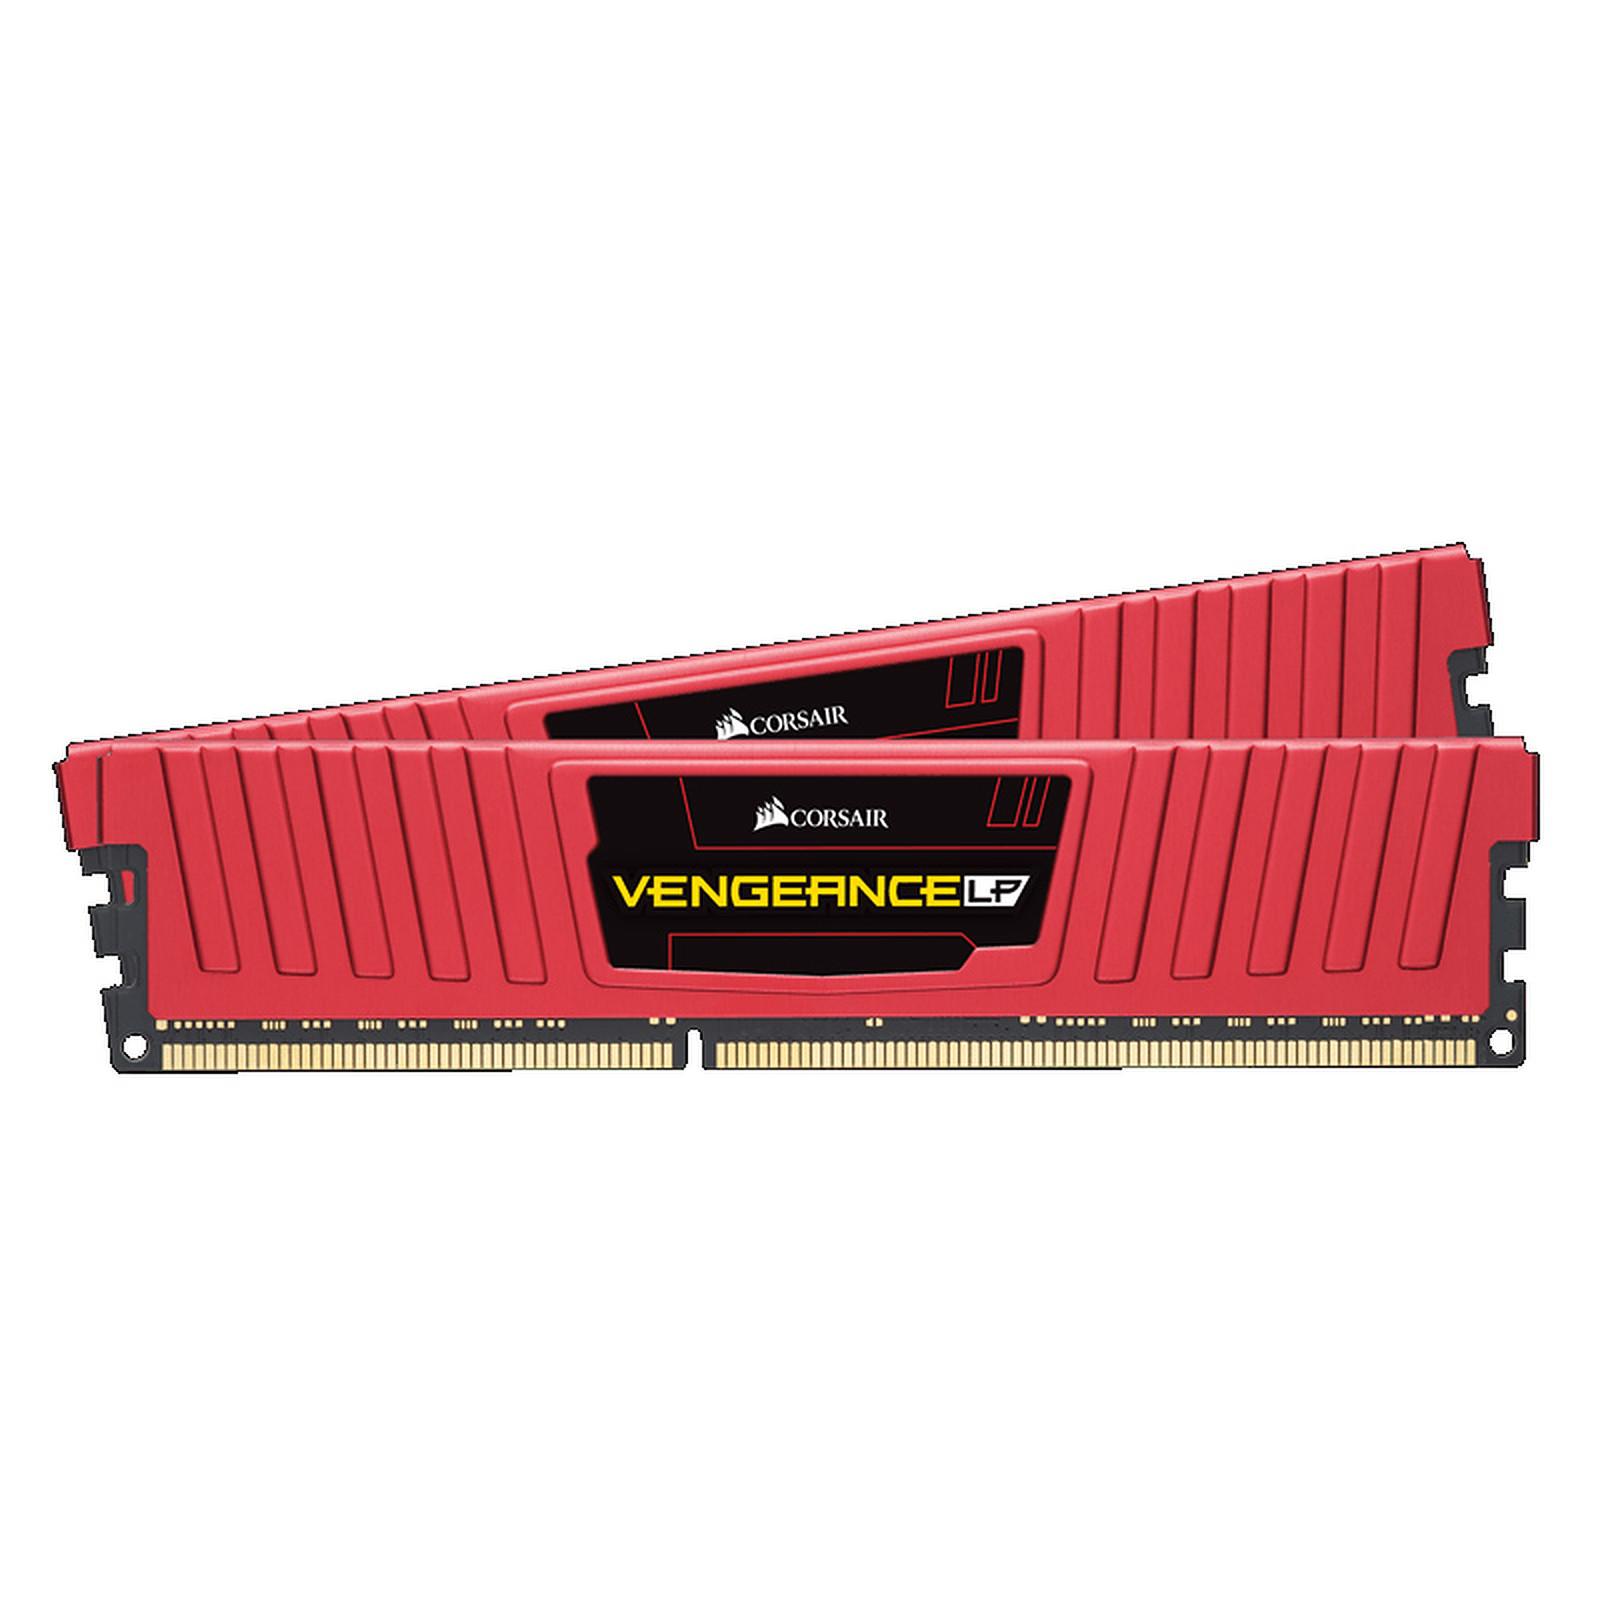 Corsair Vengeance Low Profile Series 16 Go (2 x 8 Go) DDR3 1600 MHz CL10 Rouge